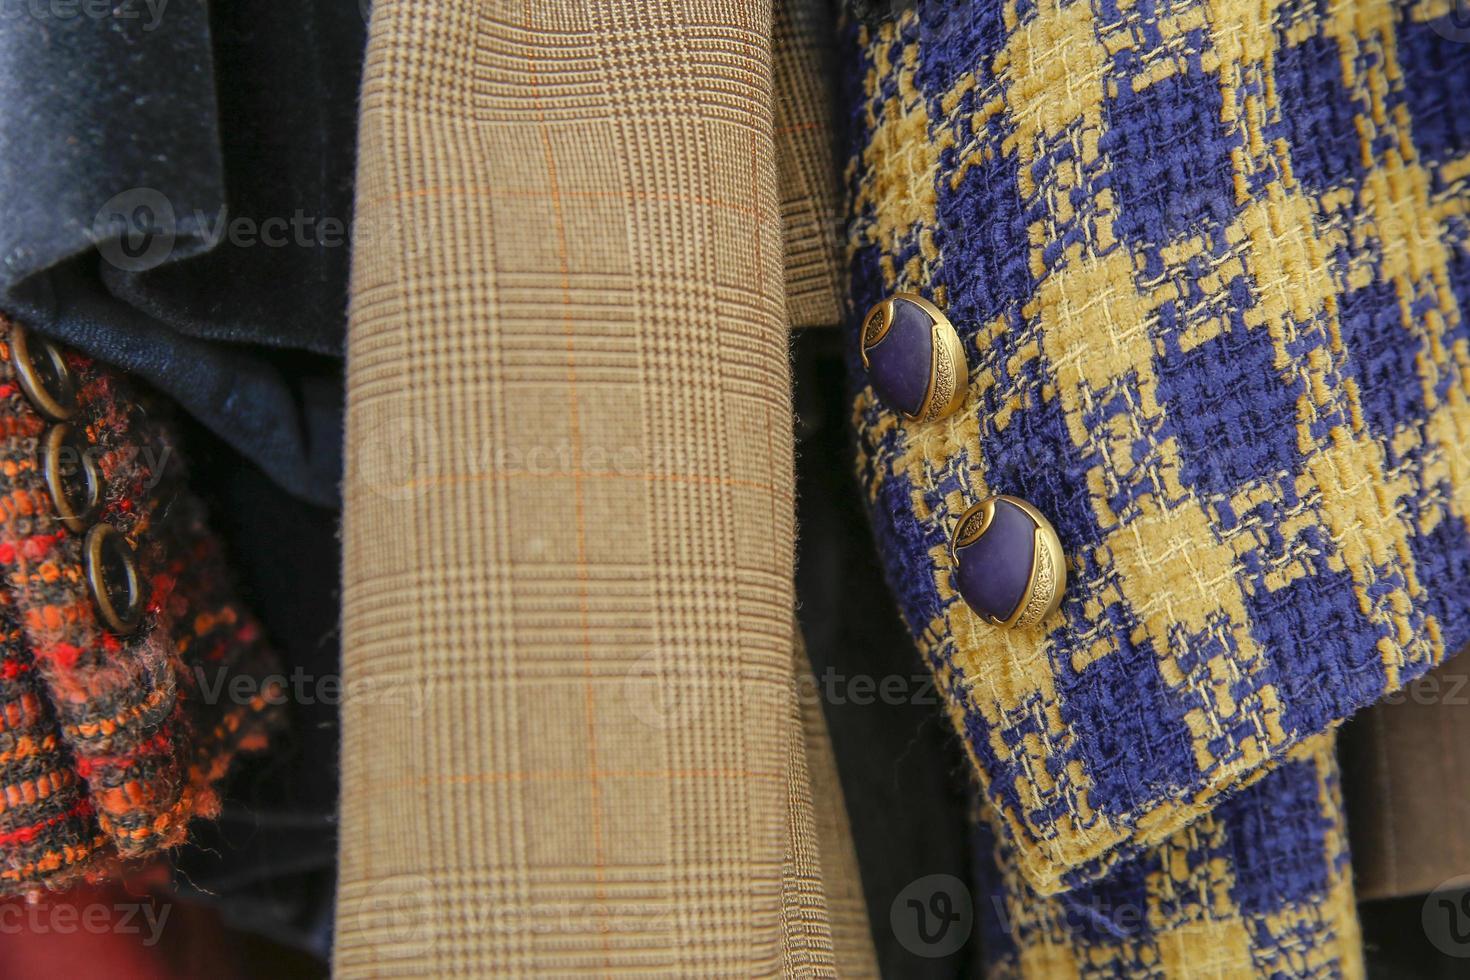 oude stijl jurk knop in kledingkast foto